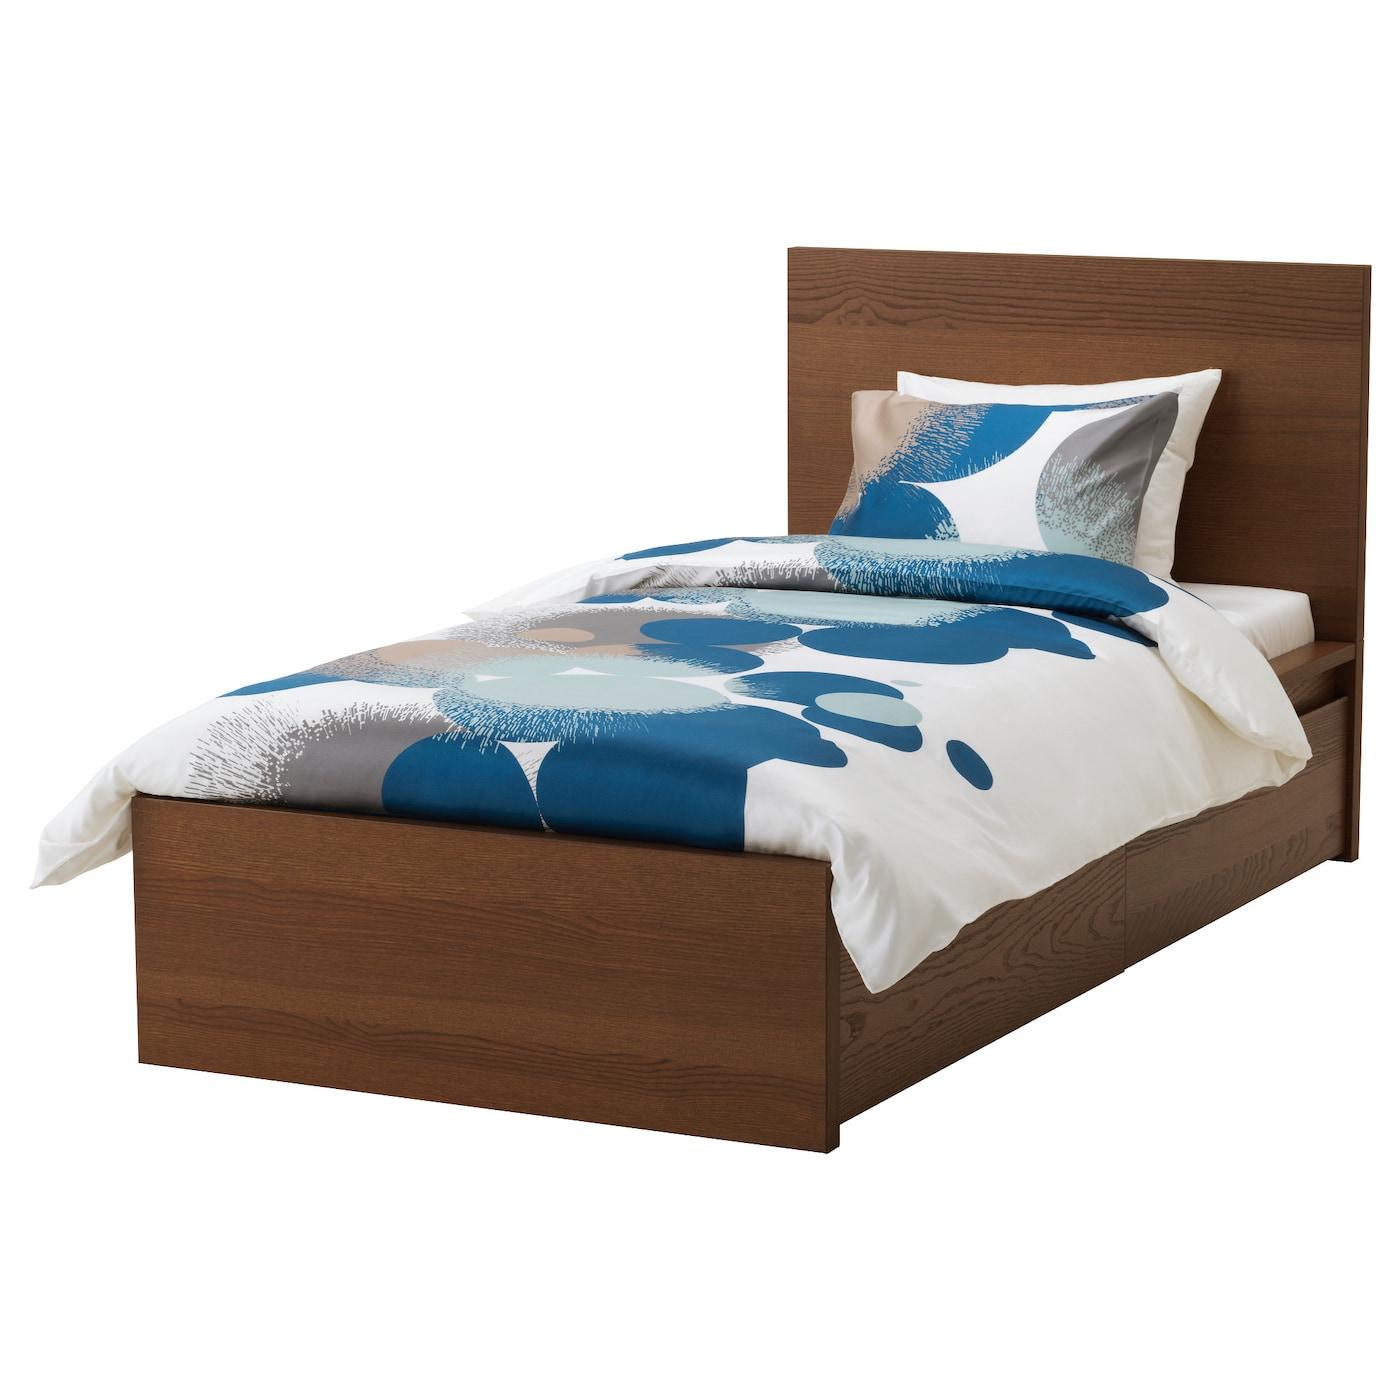 Malm cadre de lit haut 2 rangements teint brun plaqu for Ikea taille du cadre de lit